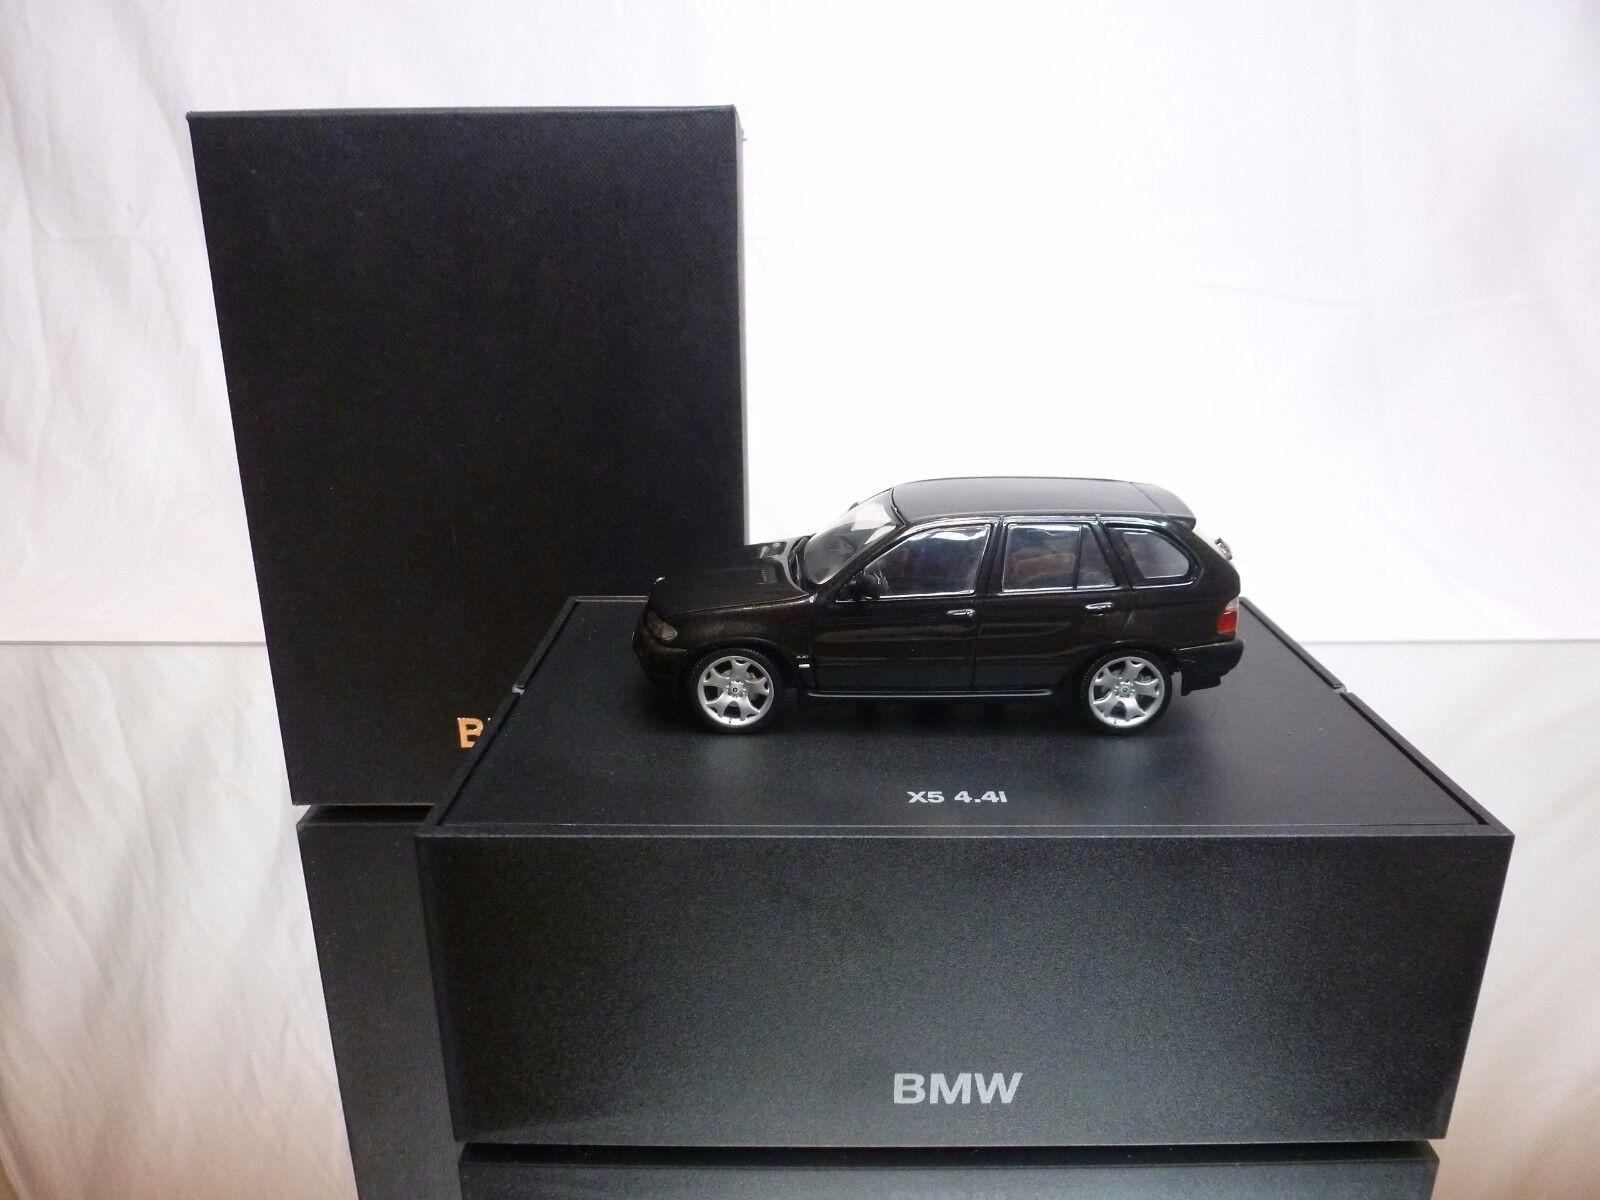 4.4i minichamps bmw - metallic 1 43 - ausgezeichneten zustand dealerbox